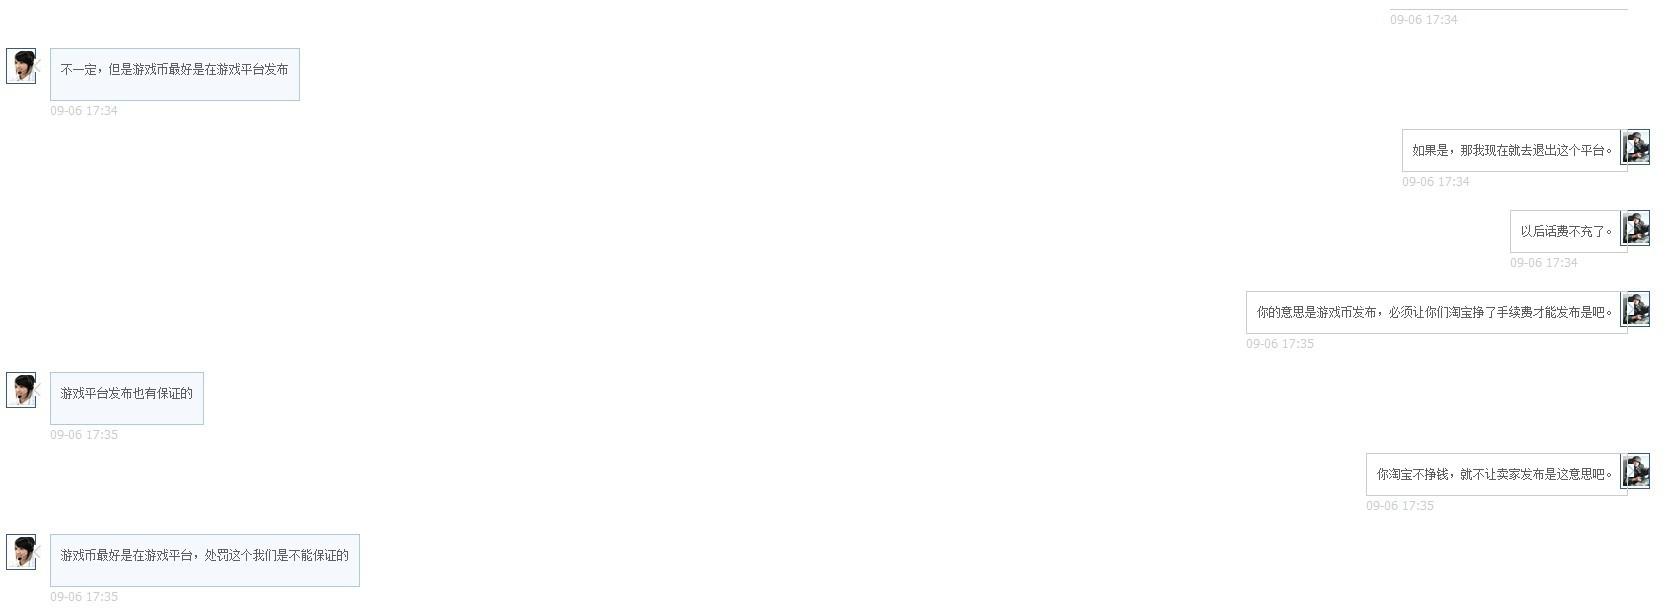 阿里巴巴旗下淘宝网肆意监管卖家商品